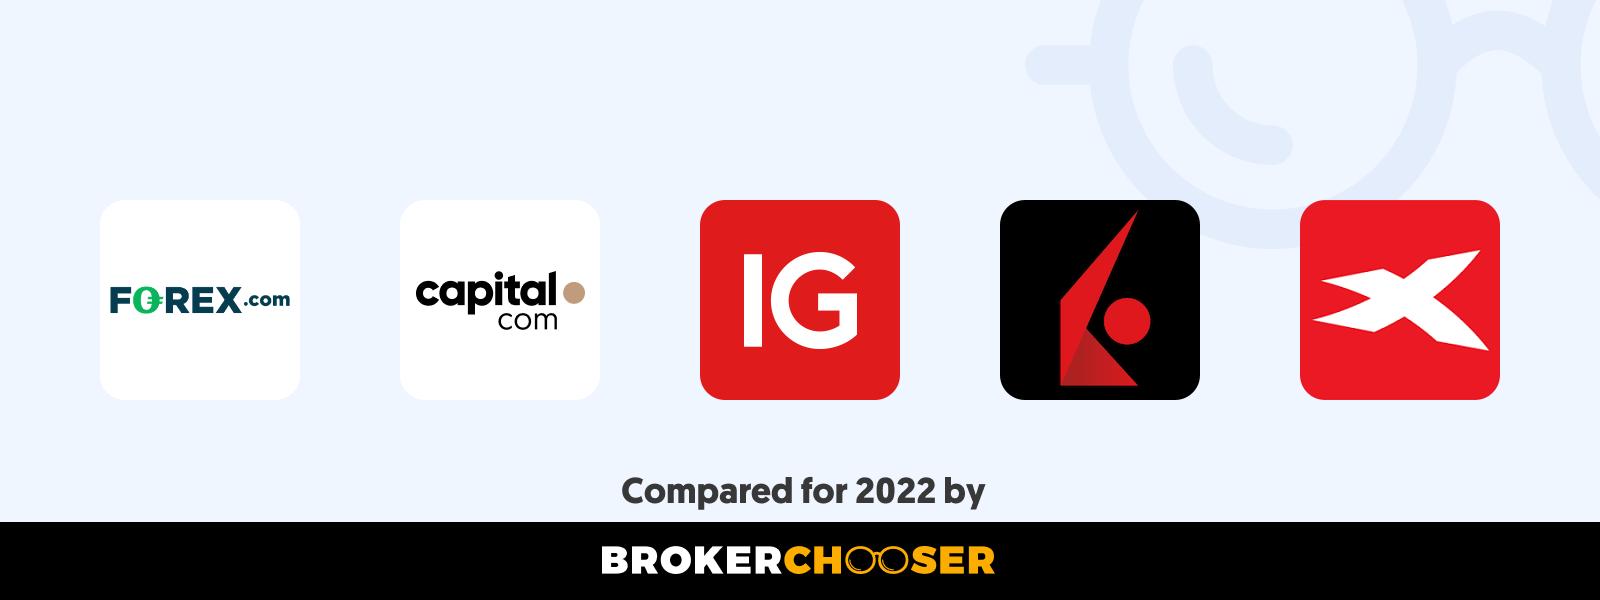 Best forex brokers for beginners in Benin in 2021